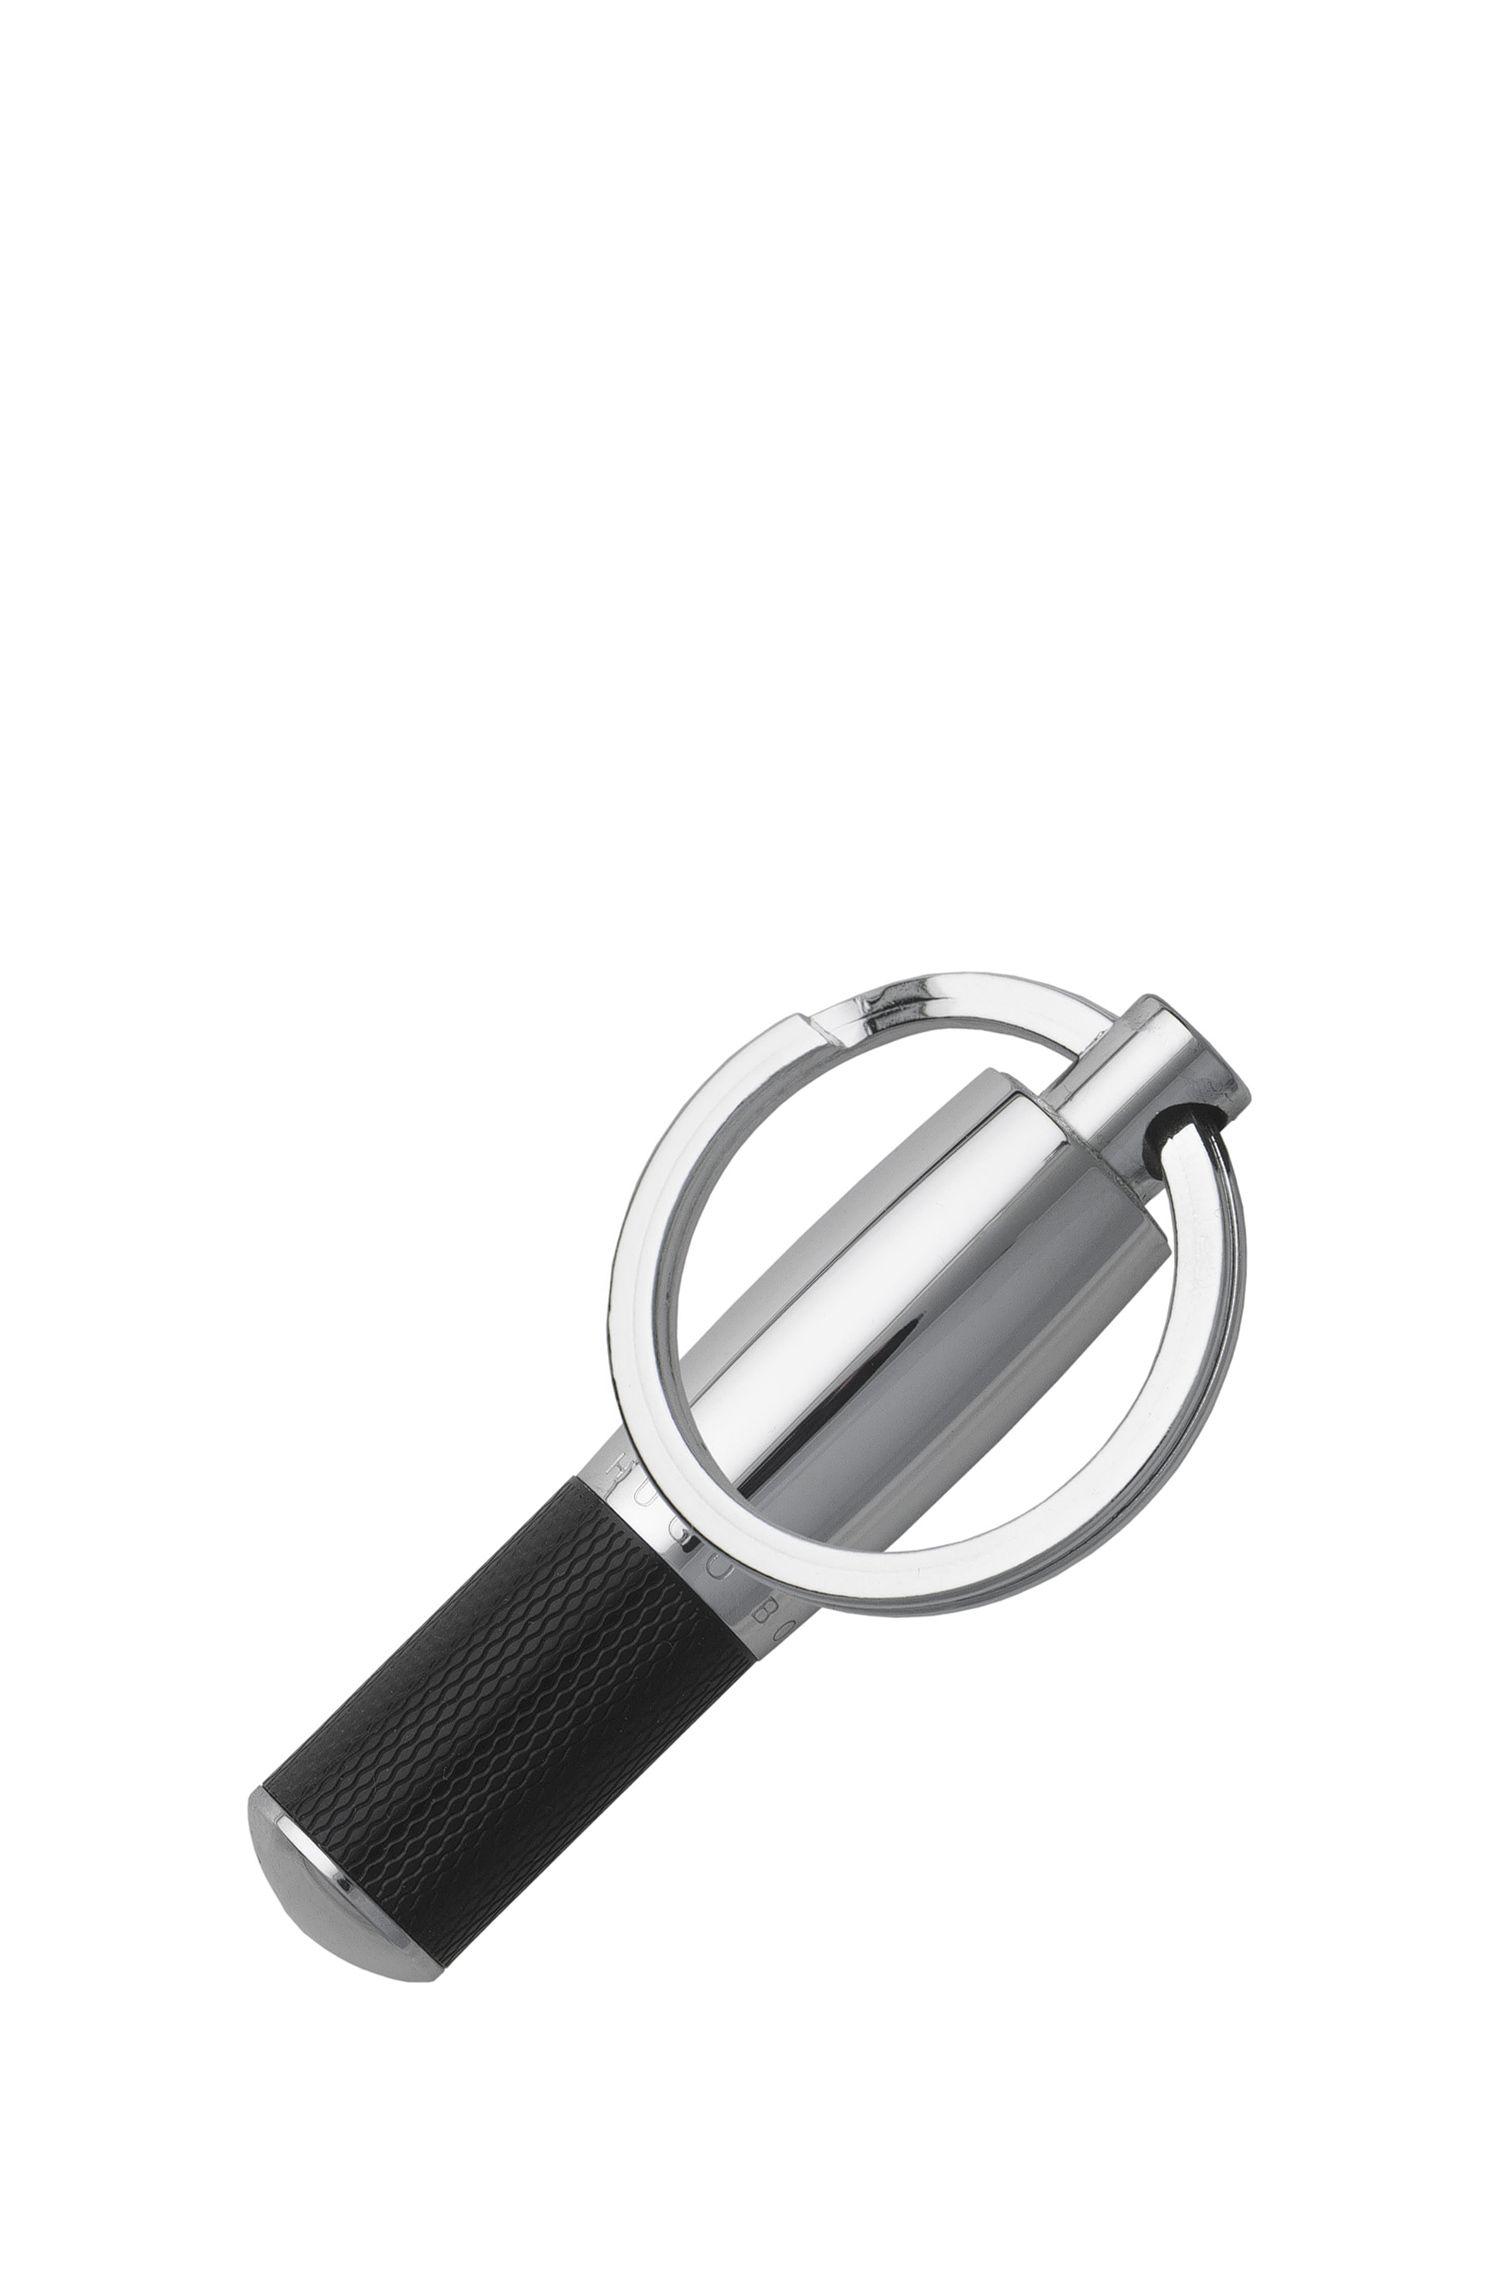 Sleutelhanger van zwarte, getextureerde lak